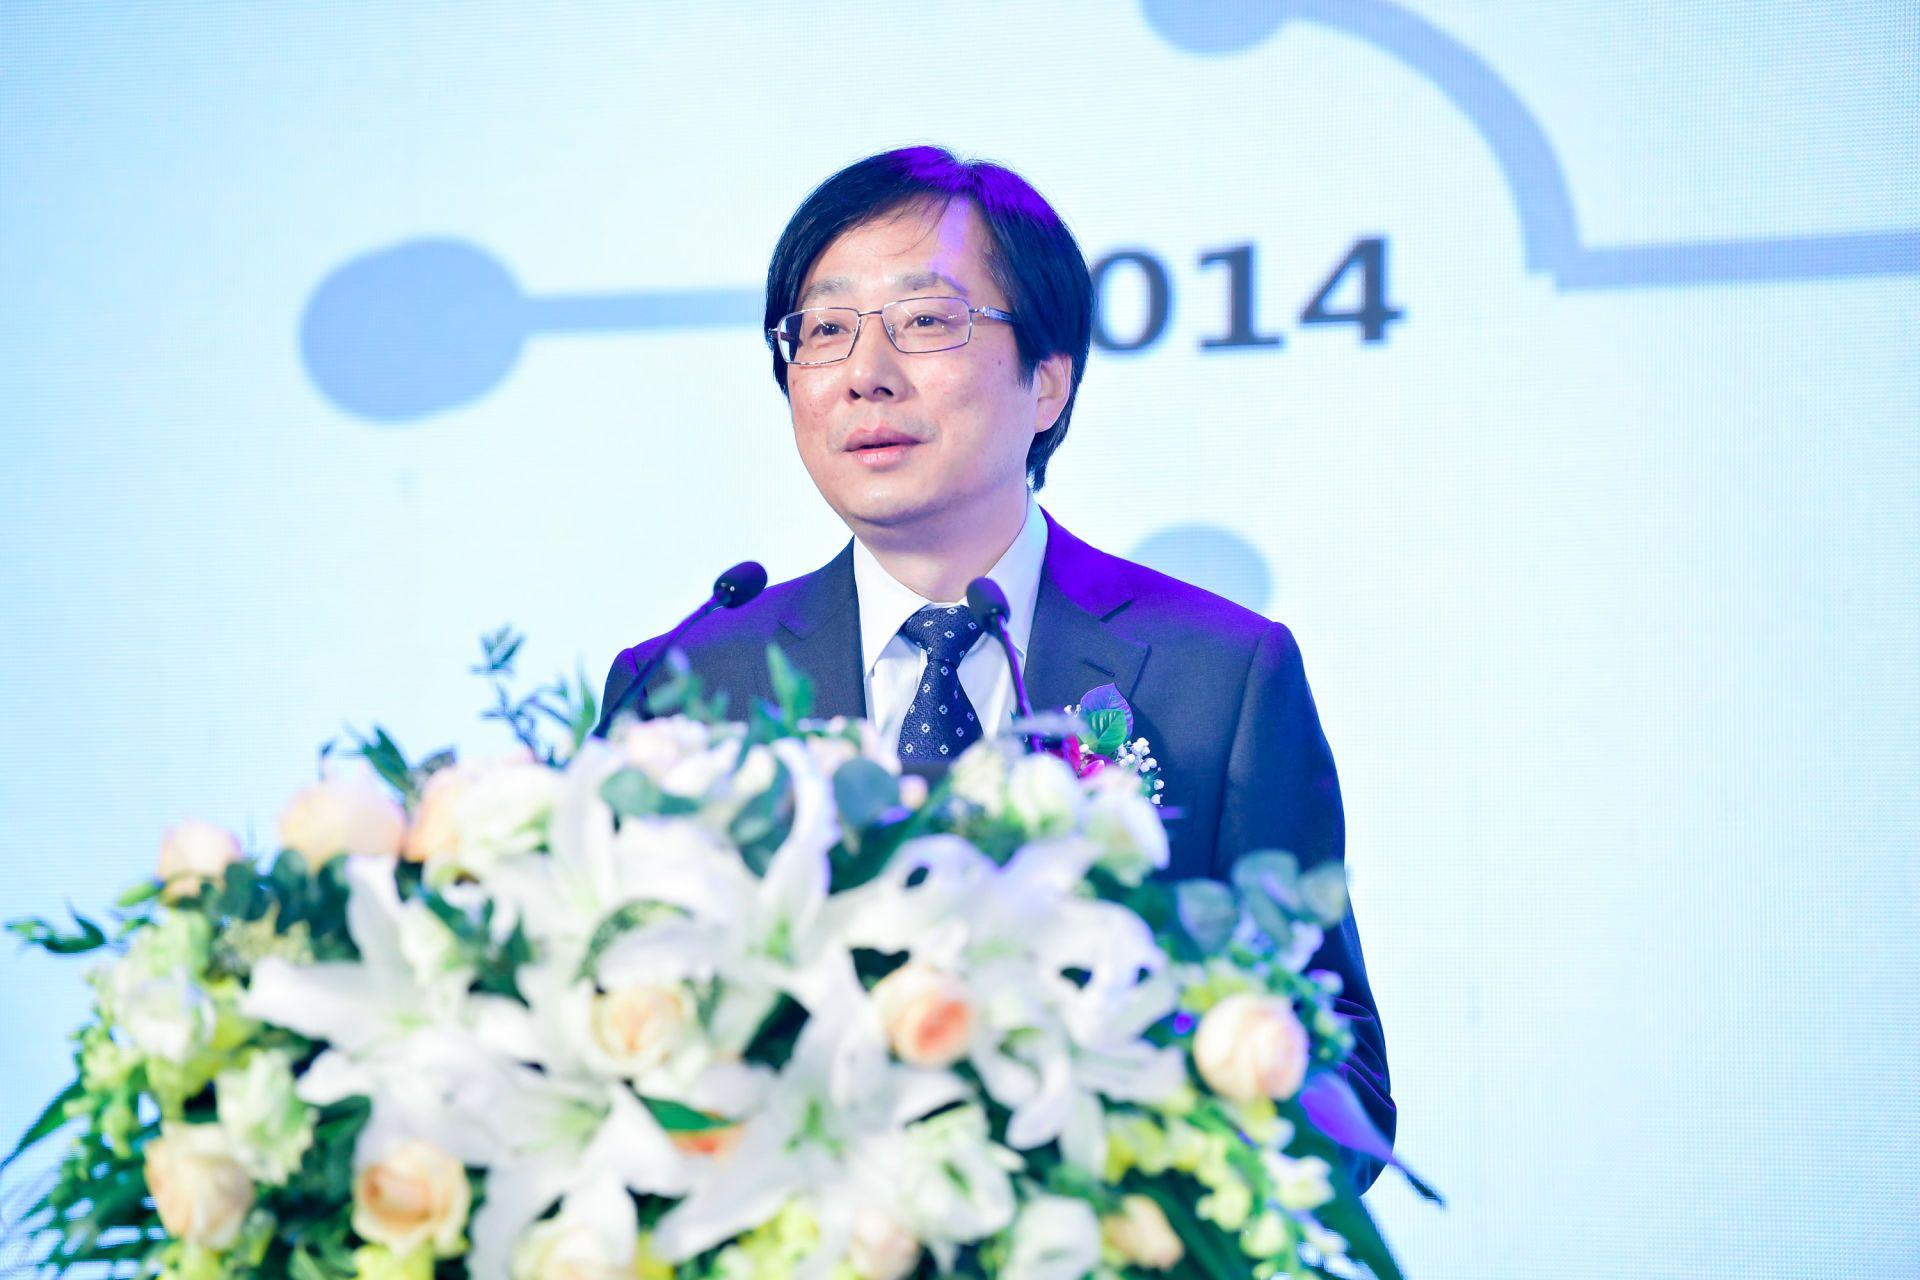 浙商银行:建立良性互动关系  更好借力资本市场